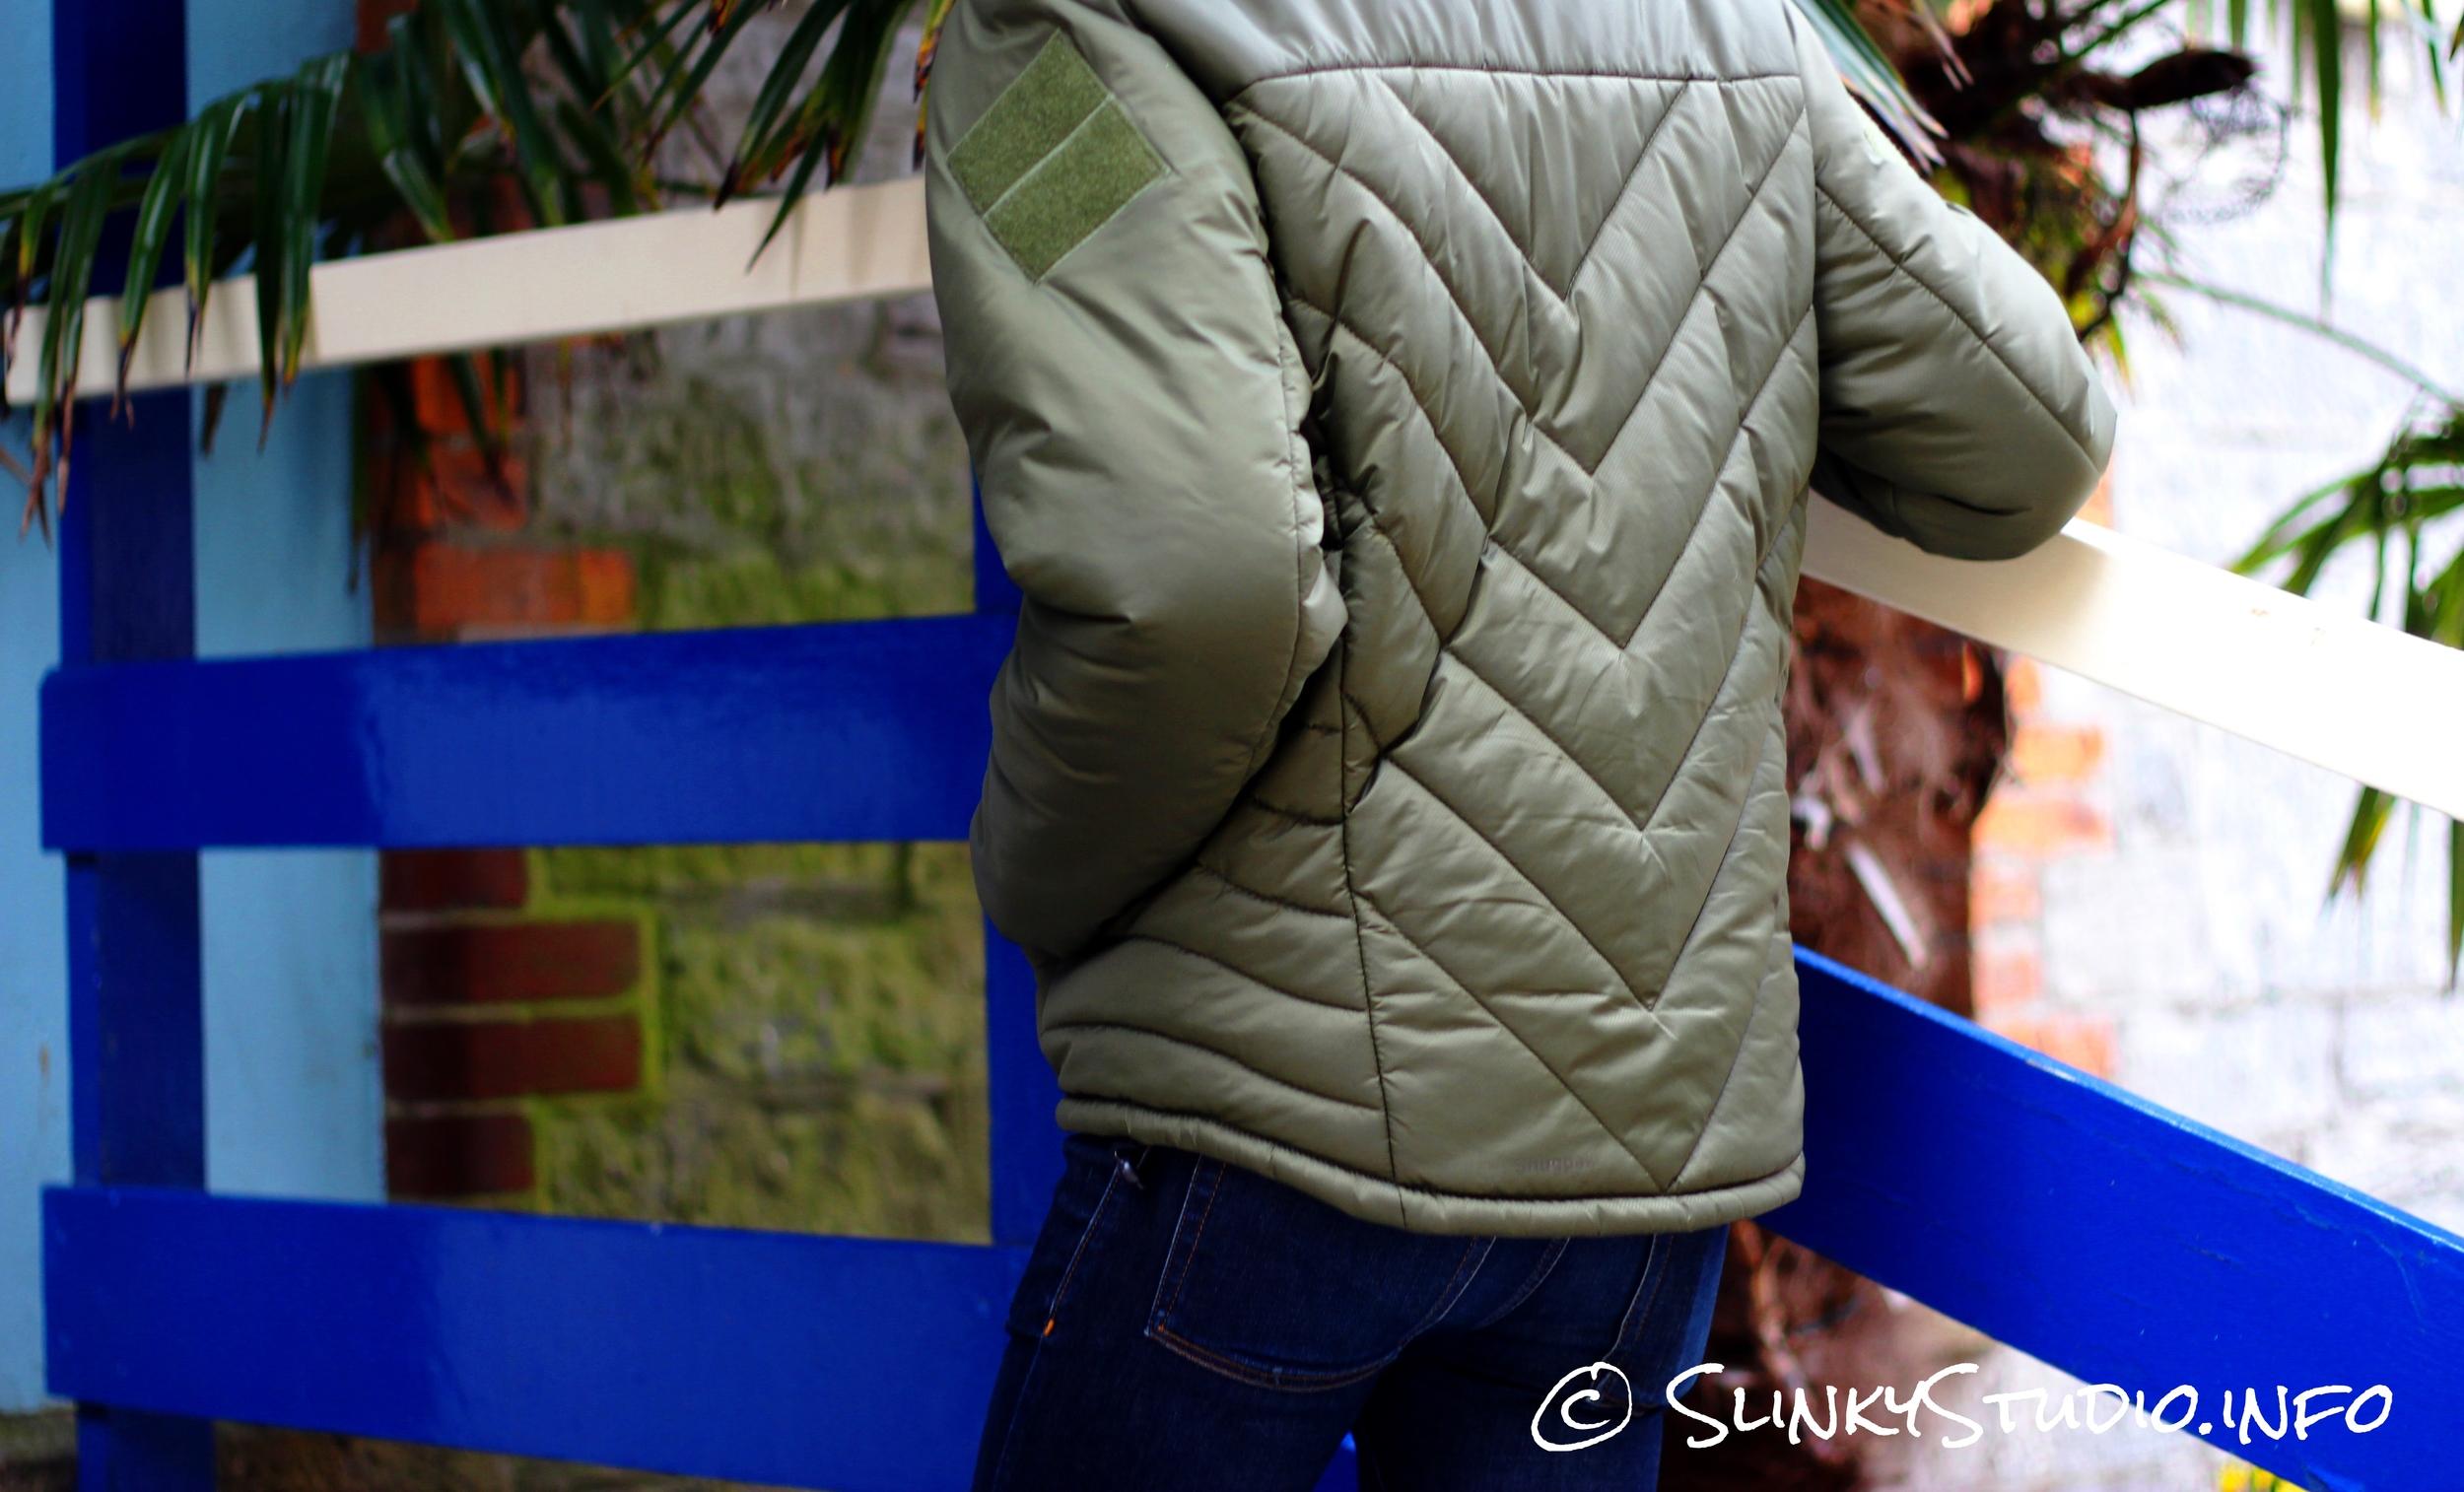 Snugpak SJ6 Jacket Walking up Stairs.jpg